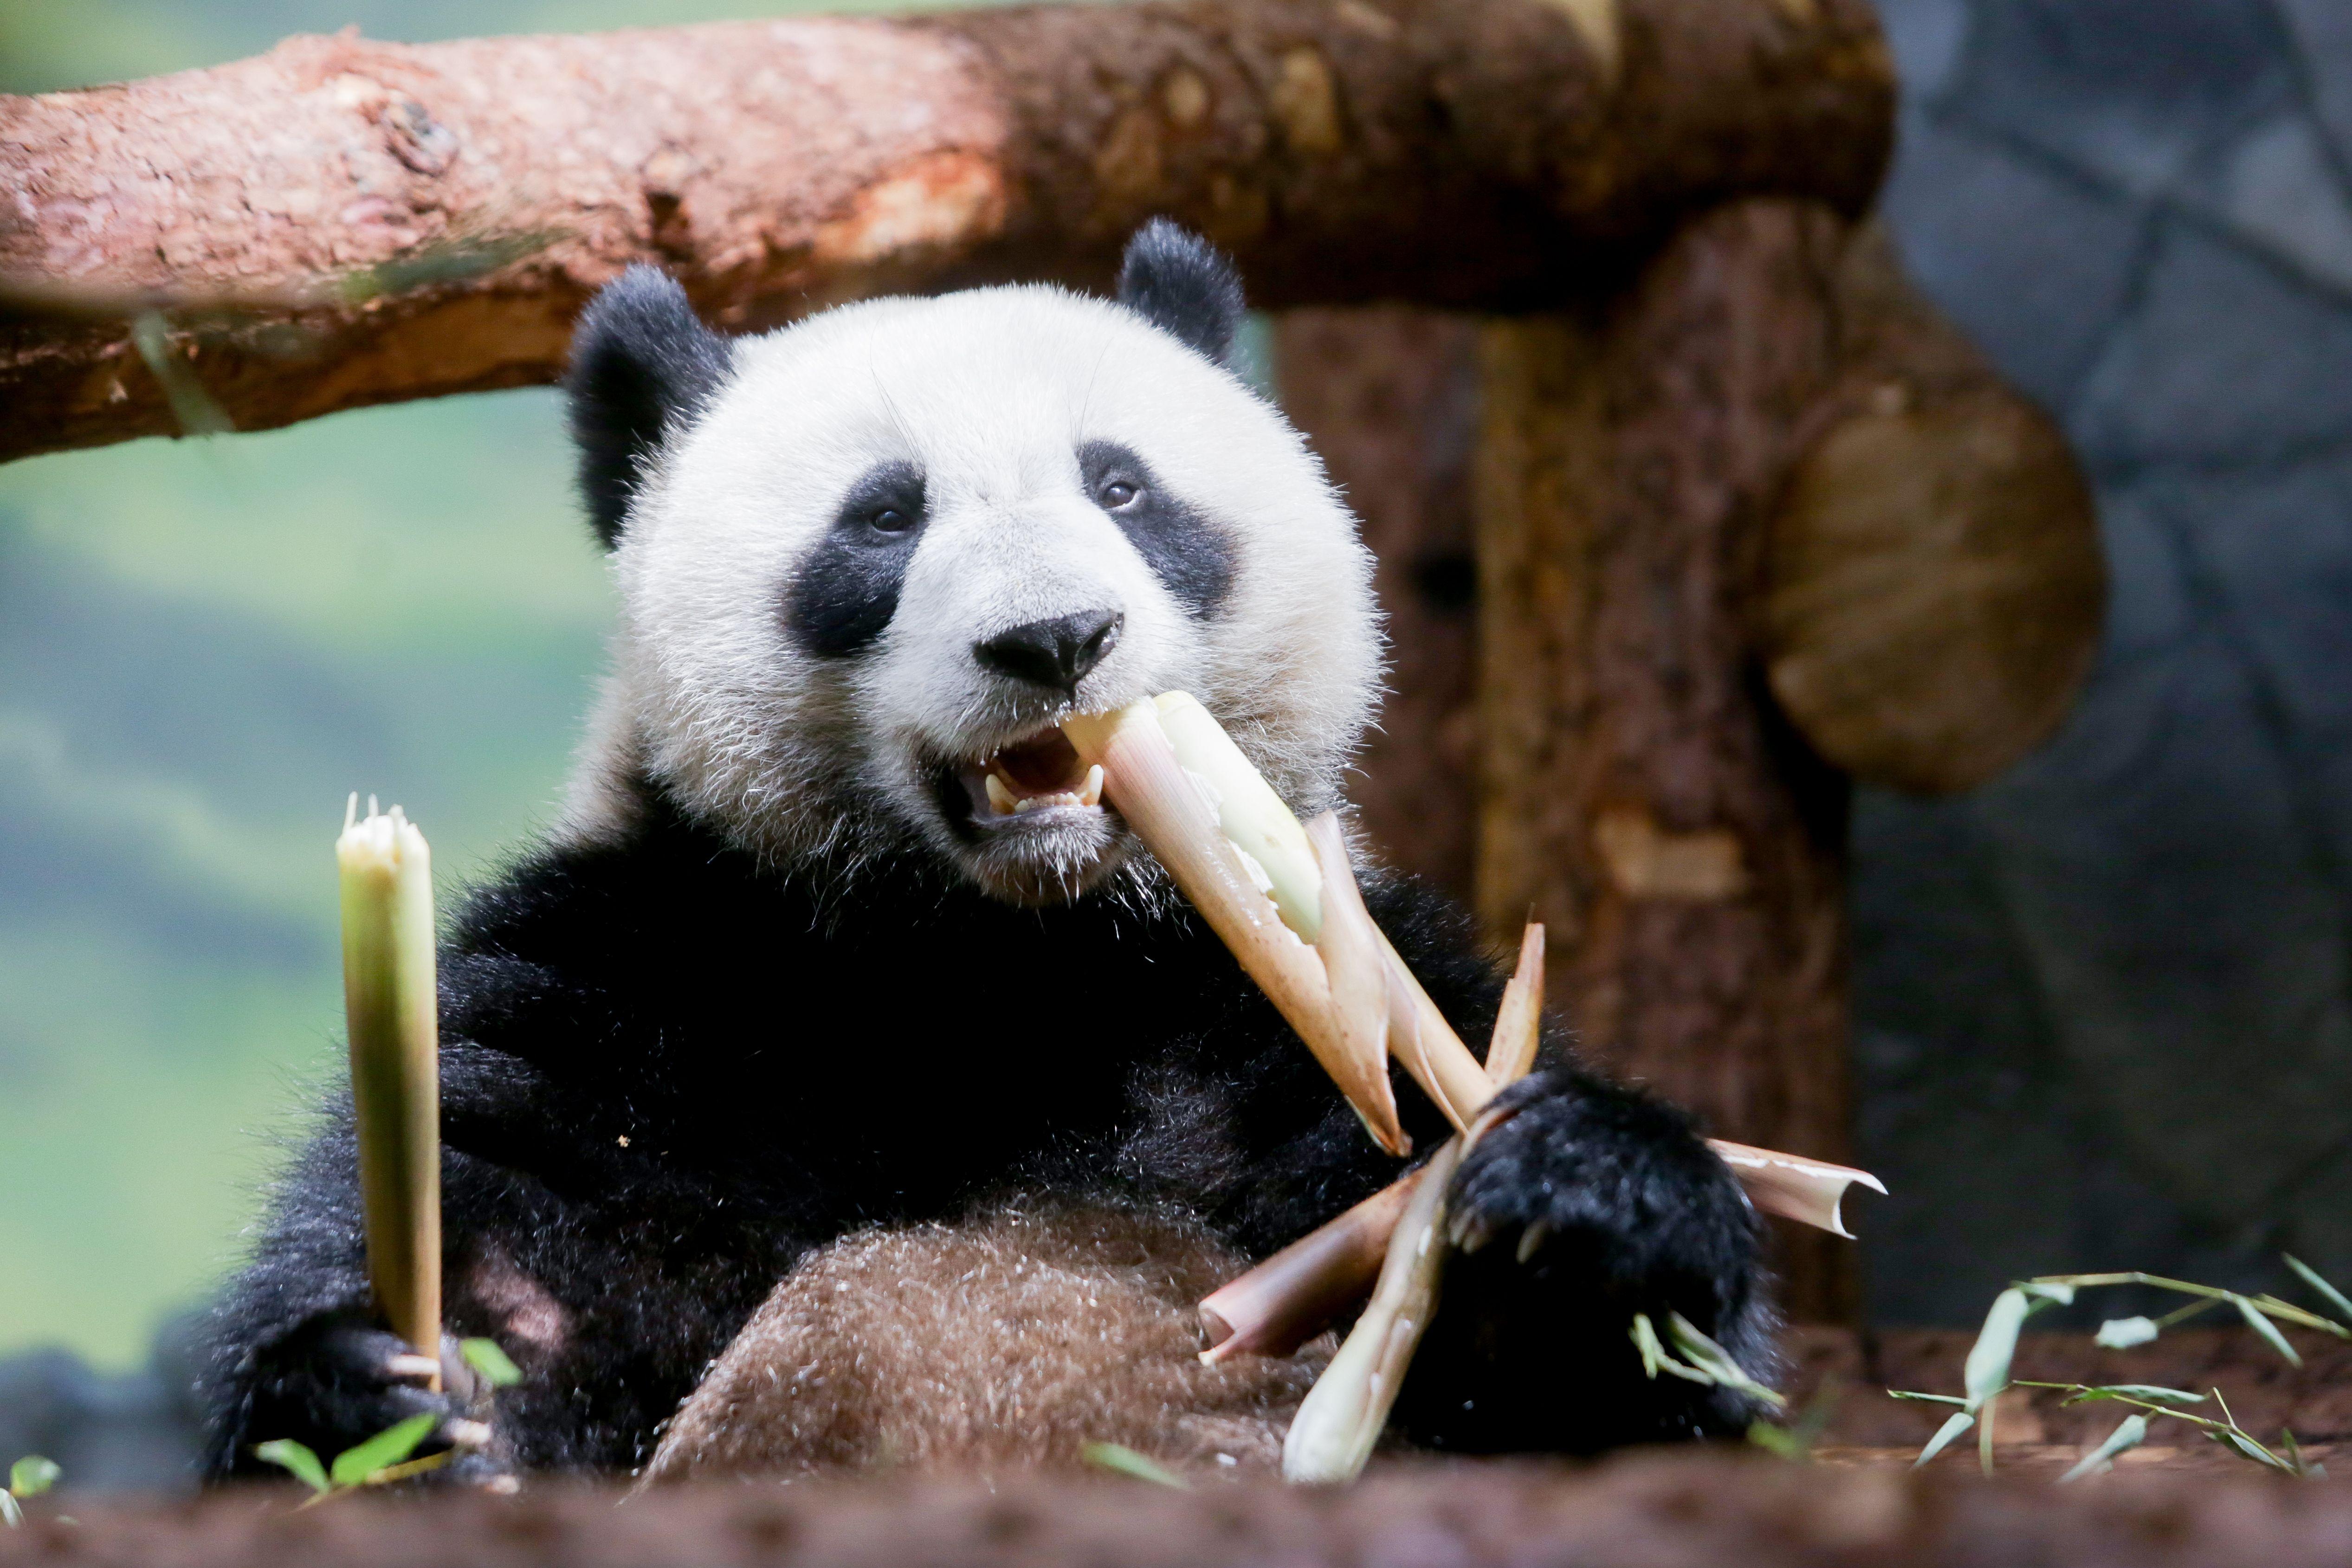 Зоопарк Москвы запустит видеотрансляцию из вольеров панд